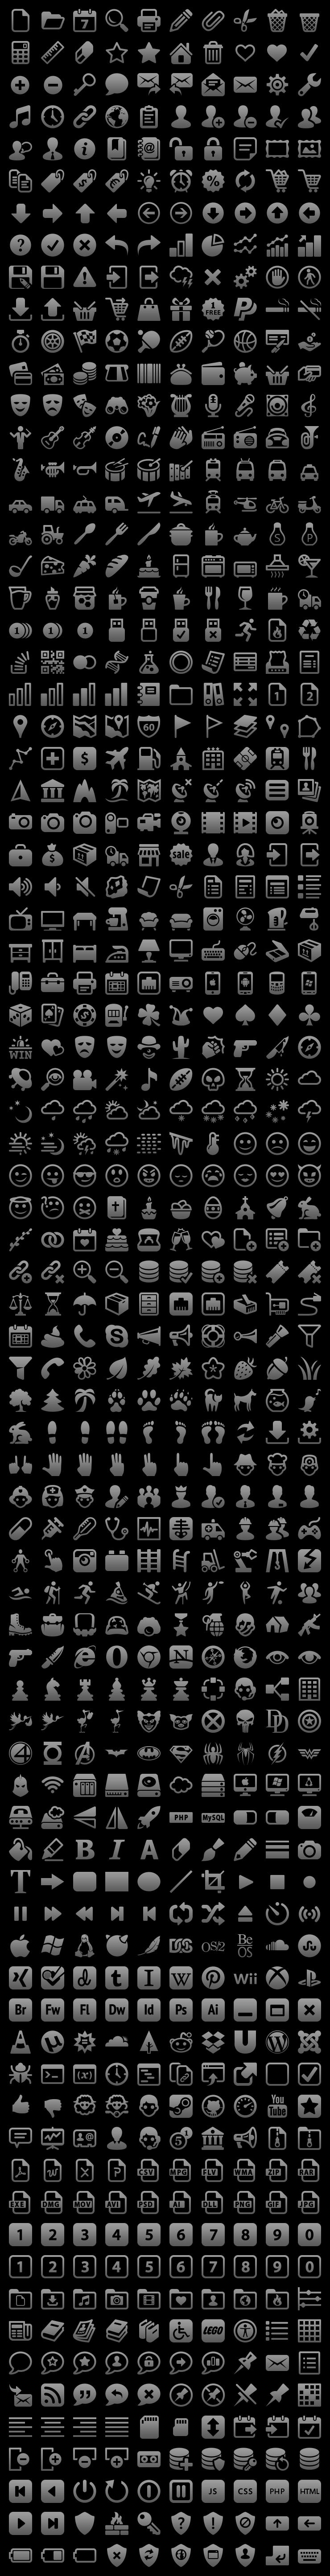 iOS icones